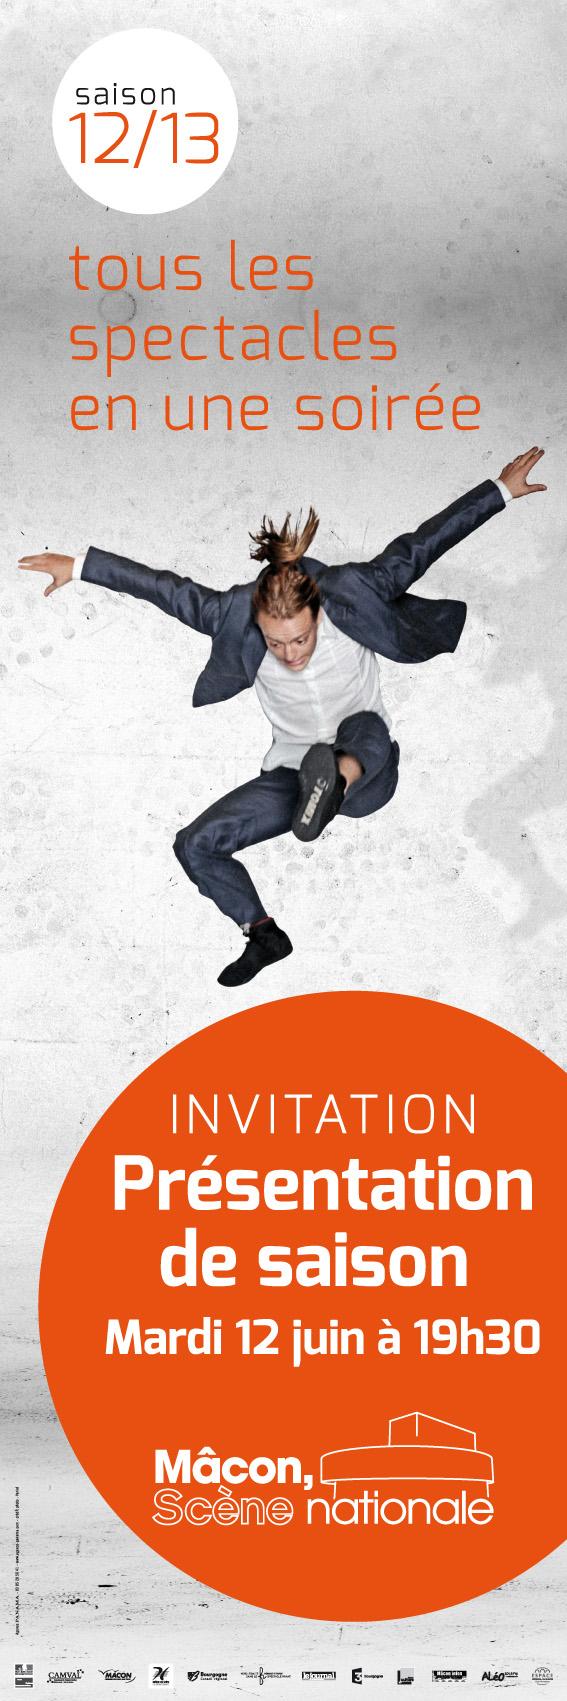 affiche invitation 2